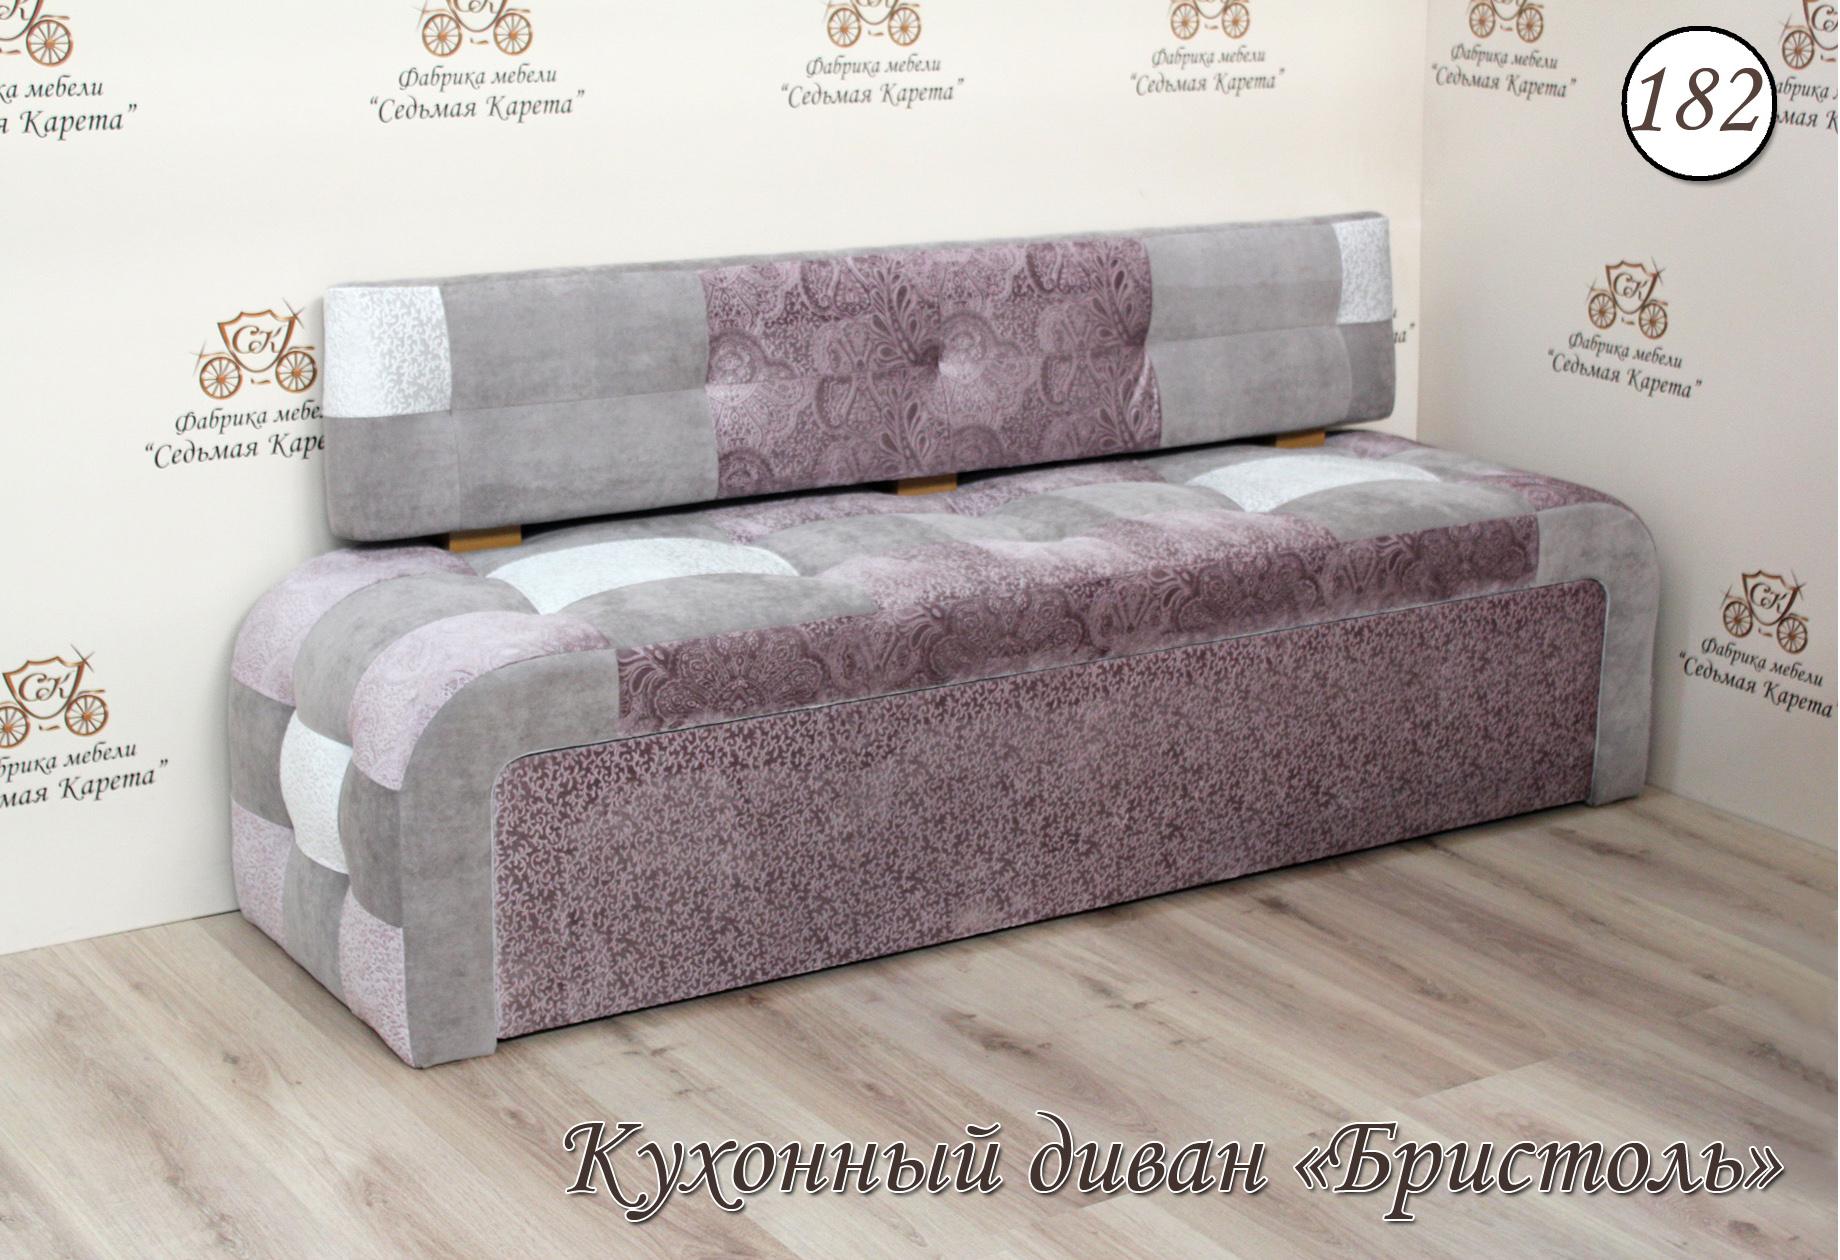 Кухонный диван Бристоль-182 — Кухонный диван Бристоль